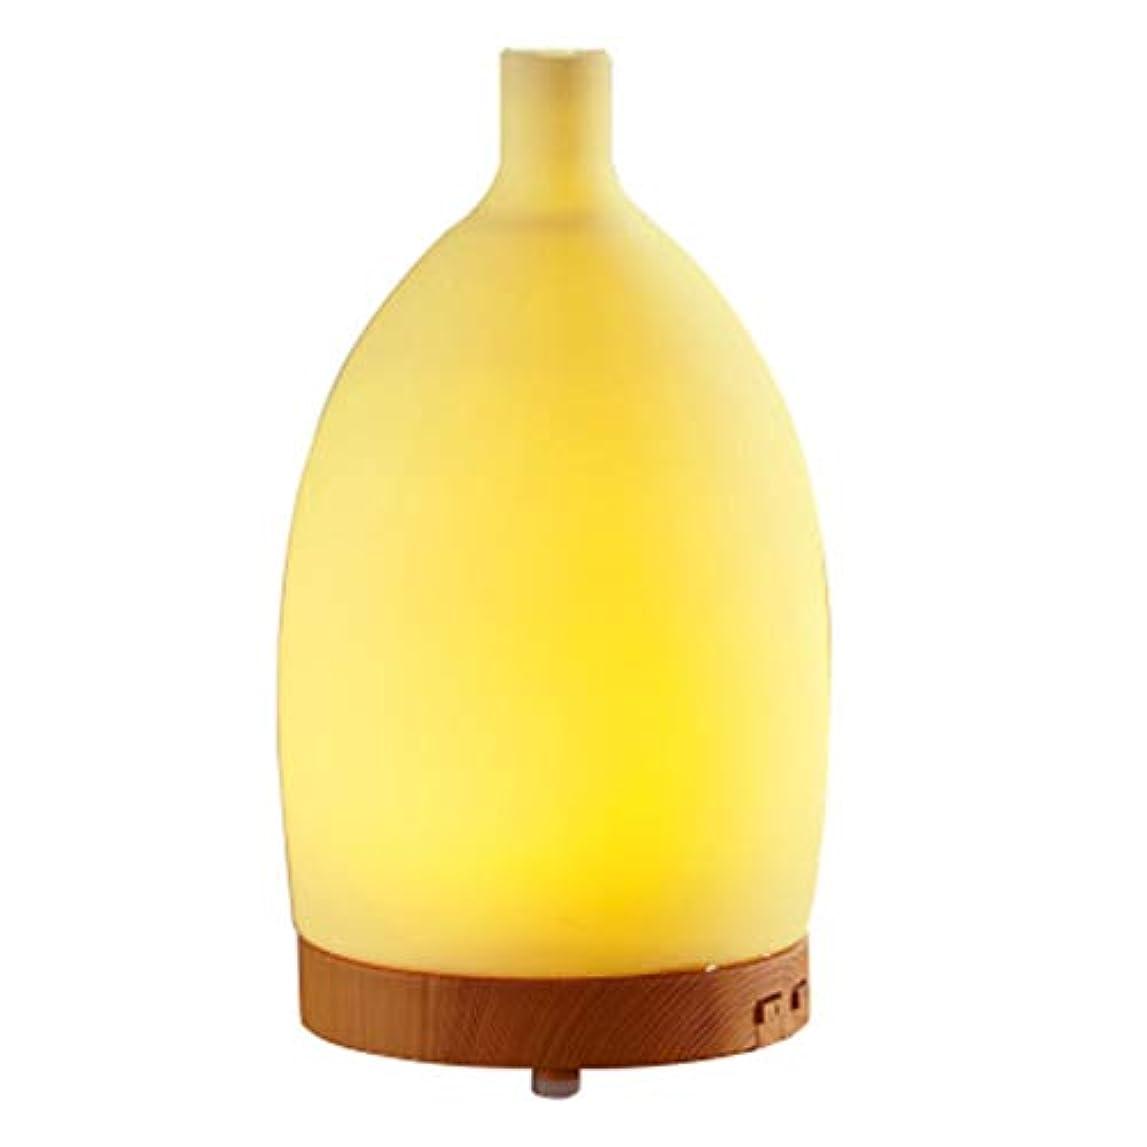 後退するそしてレーダー7つの可変性の色LEDライトが付いている100mlシリコーンの花瓶の加湿器のための精油の拡散器は水の自動オフ浄化の空気を浄化します (Color : Colorful)